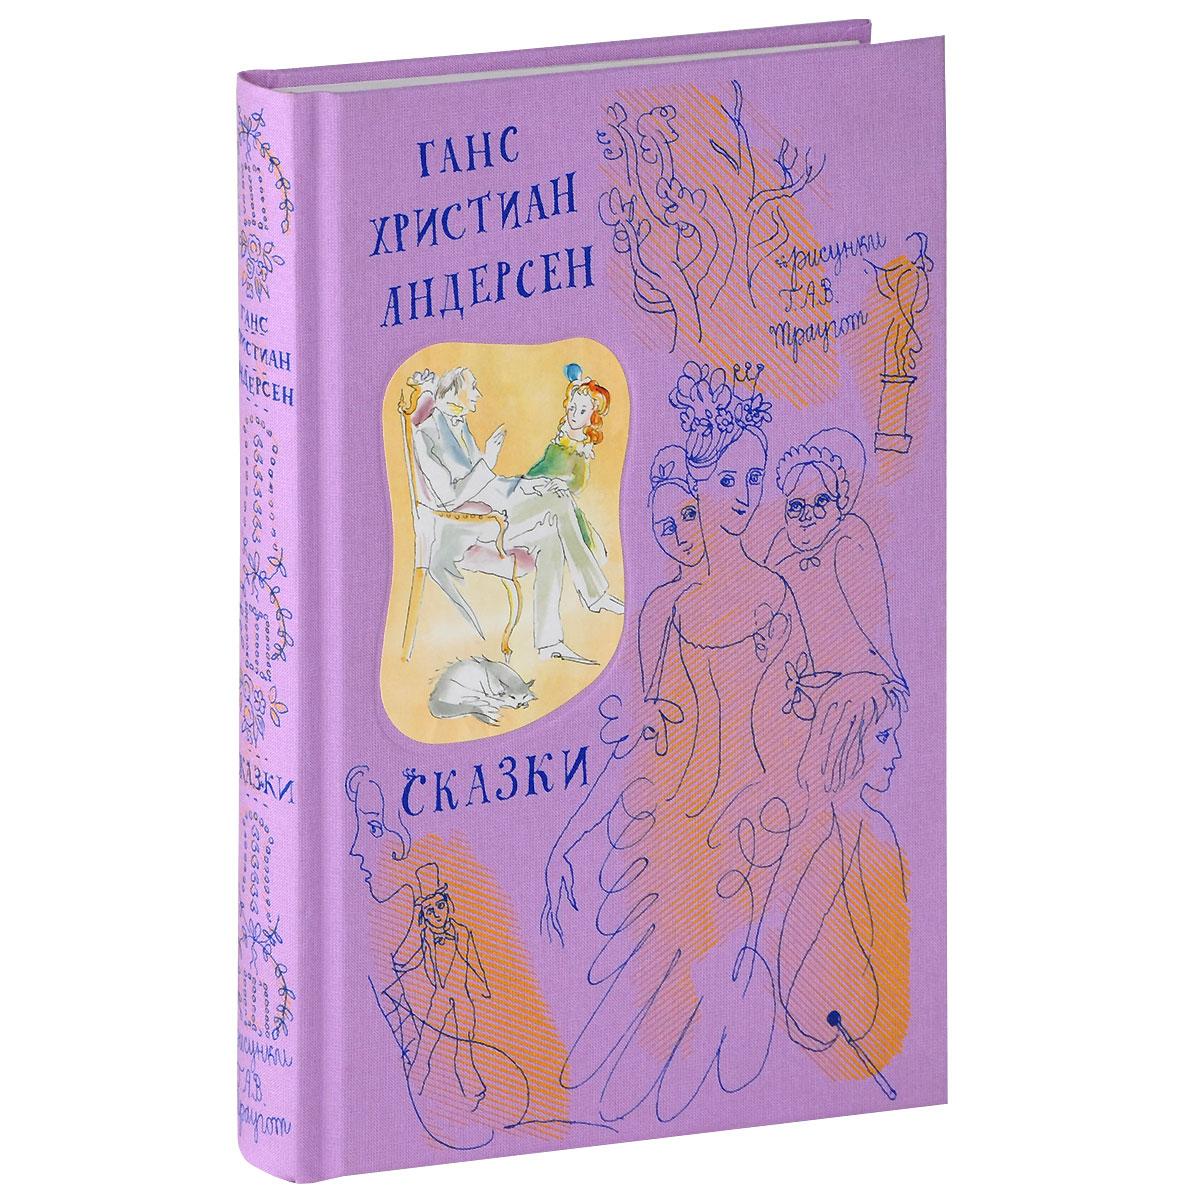 Г. Х. Андерсен. Сказки12296407Каждая иллюстрация Г.А.В.Траугот к сказкам Г.Х.Андерсена - творческая вспышка, которая, как магний, озаряет страницу, мгновенно рождая образ. Синее пятно - ночь, жёлтый просвет на нём - окошко, сиреневые разводы - темнота под мостом, серые завитушки - старинный шкаф… И очень-очень многое нужно просто домыслить. Таков у Г.А.В.Траугот Андерсен в цвете - пробуждающий фантазию, вызывающий воспоминания и даже рождающий чувственные ассоциации. Листая страницы, попробуйте услышать звон колоколов сквозь пургу, звон разбитой фарфоровой статуэтки; почувствовать капли дождя на лице, запах северного моря, аромат свежей розы...